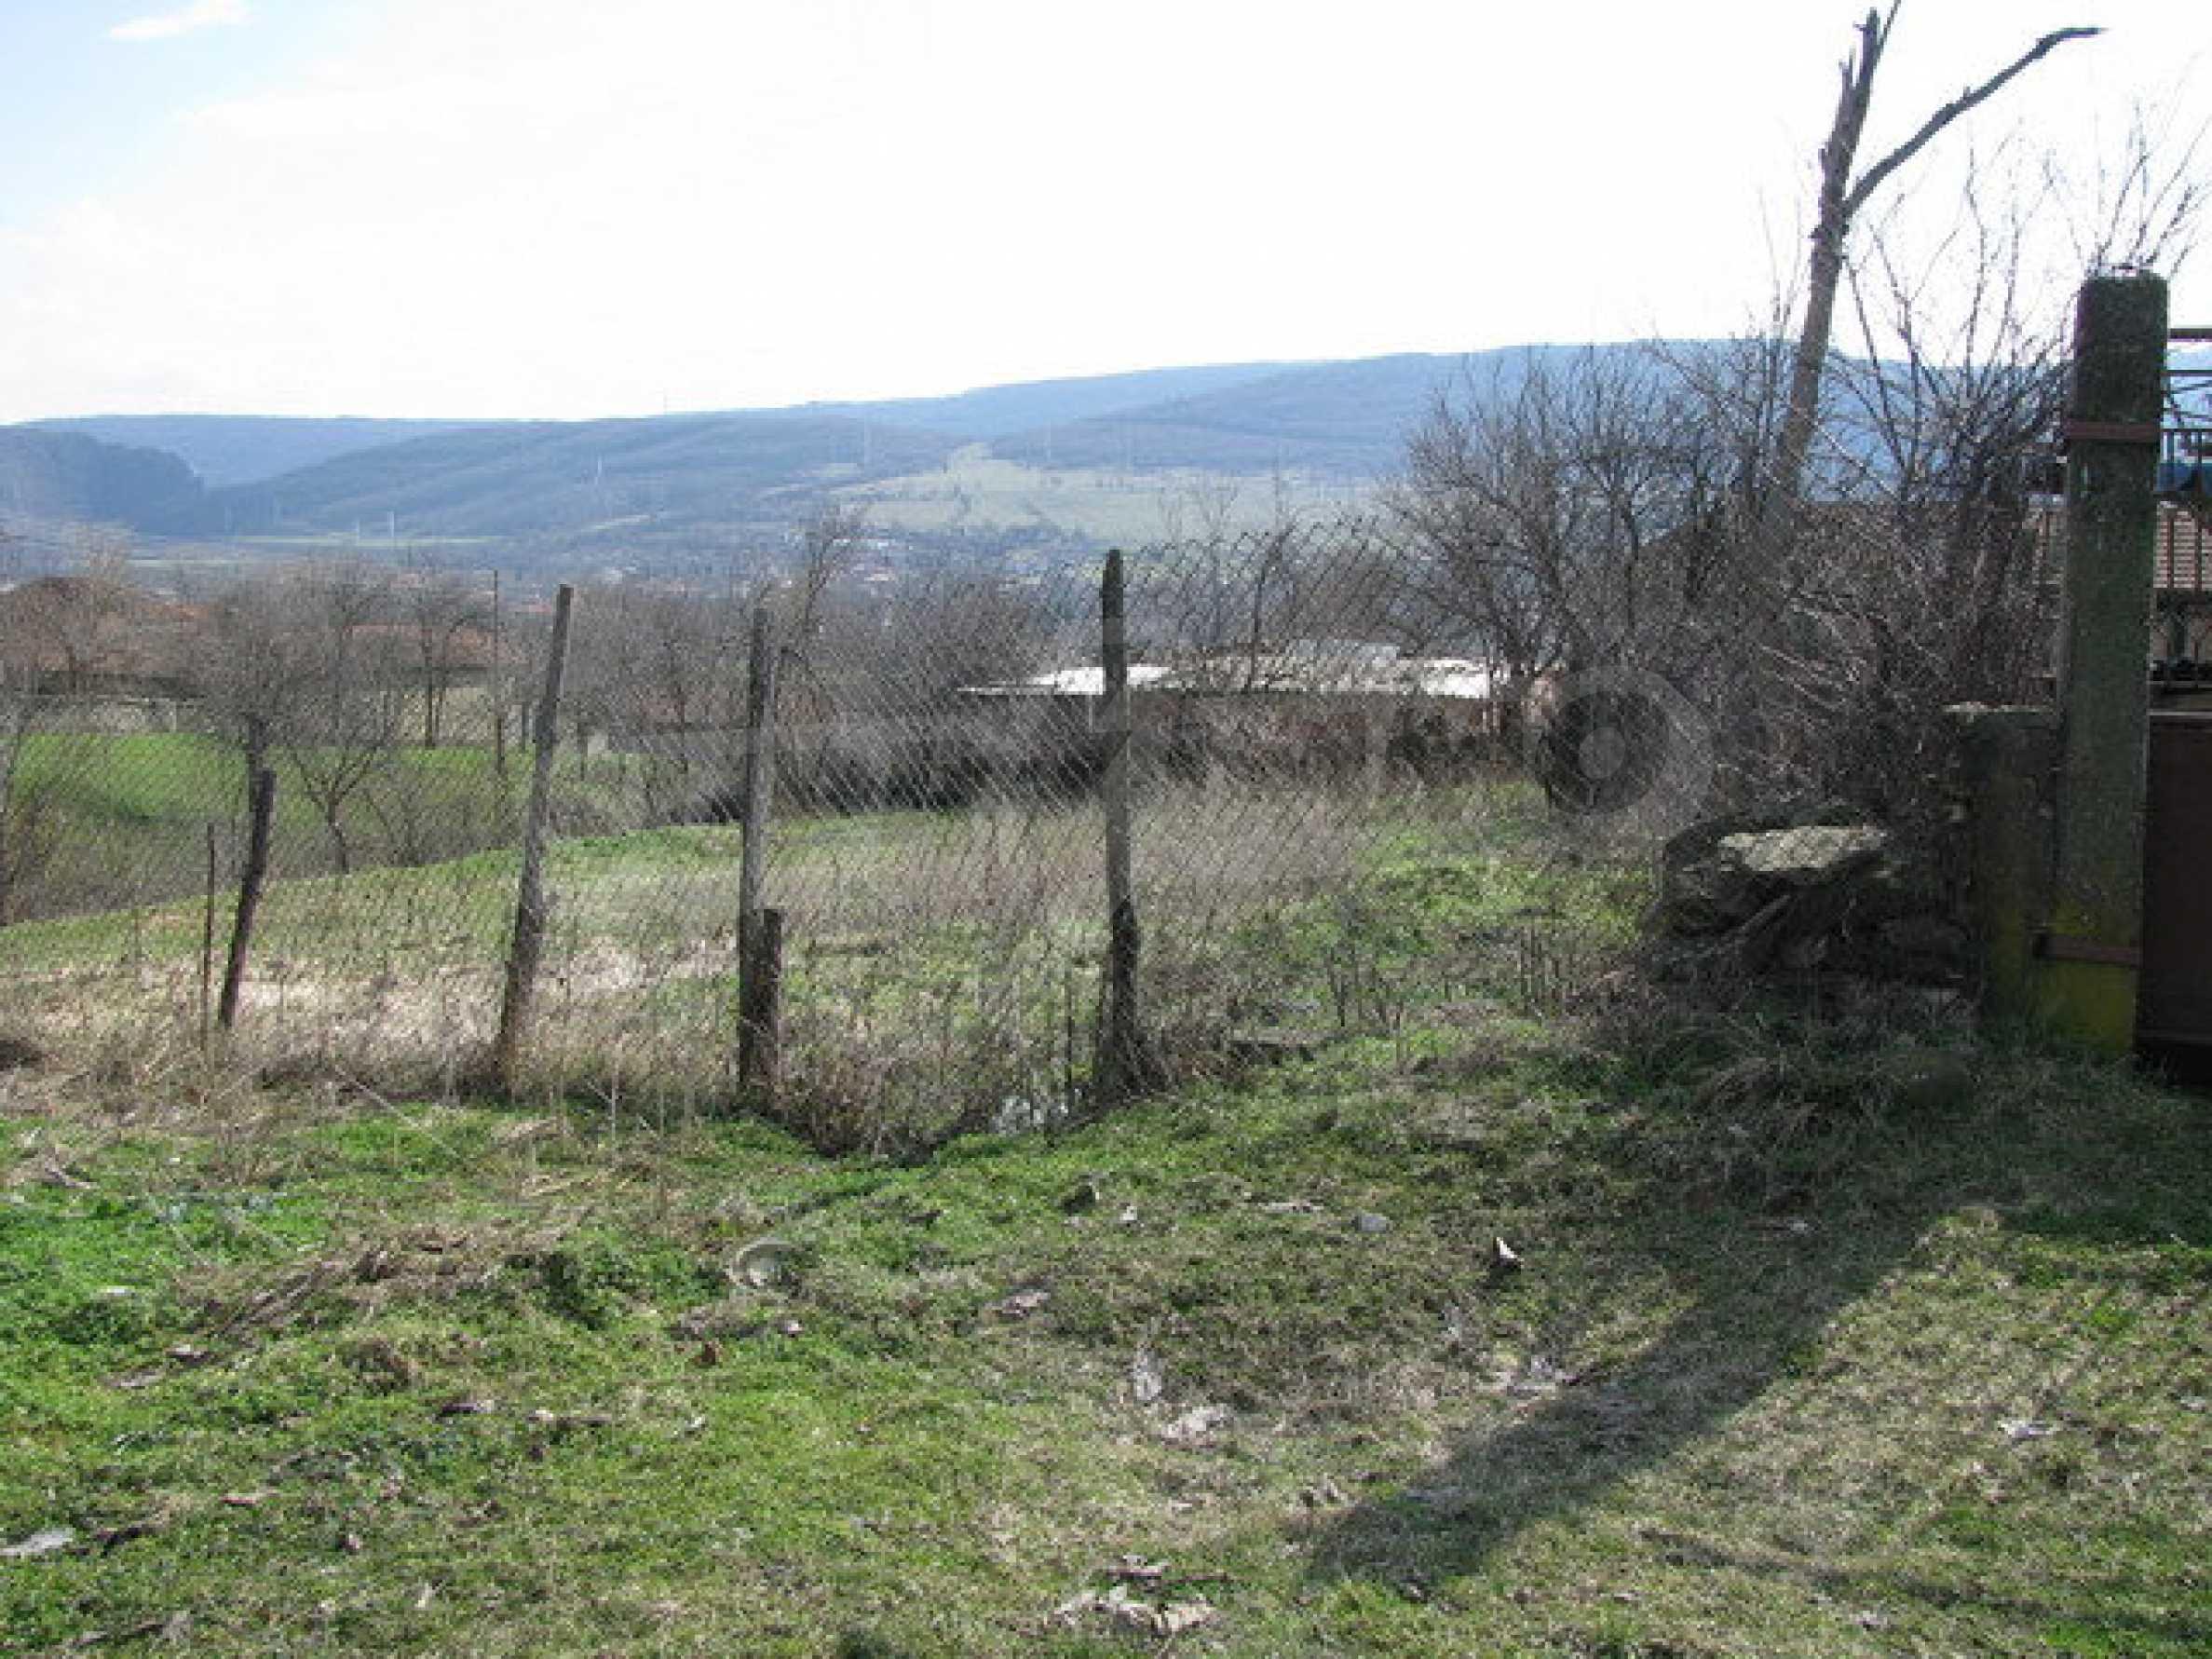 Grundstück in einem lebhaften Dorf in der Nähe von Veliko Tarnovo mit sehr guter Infrastruktur 1